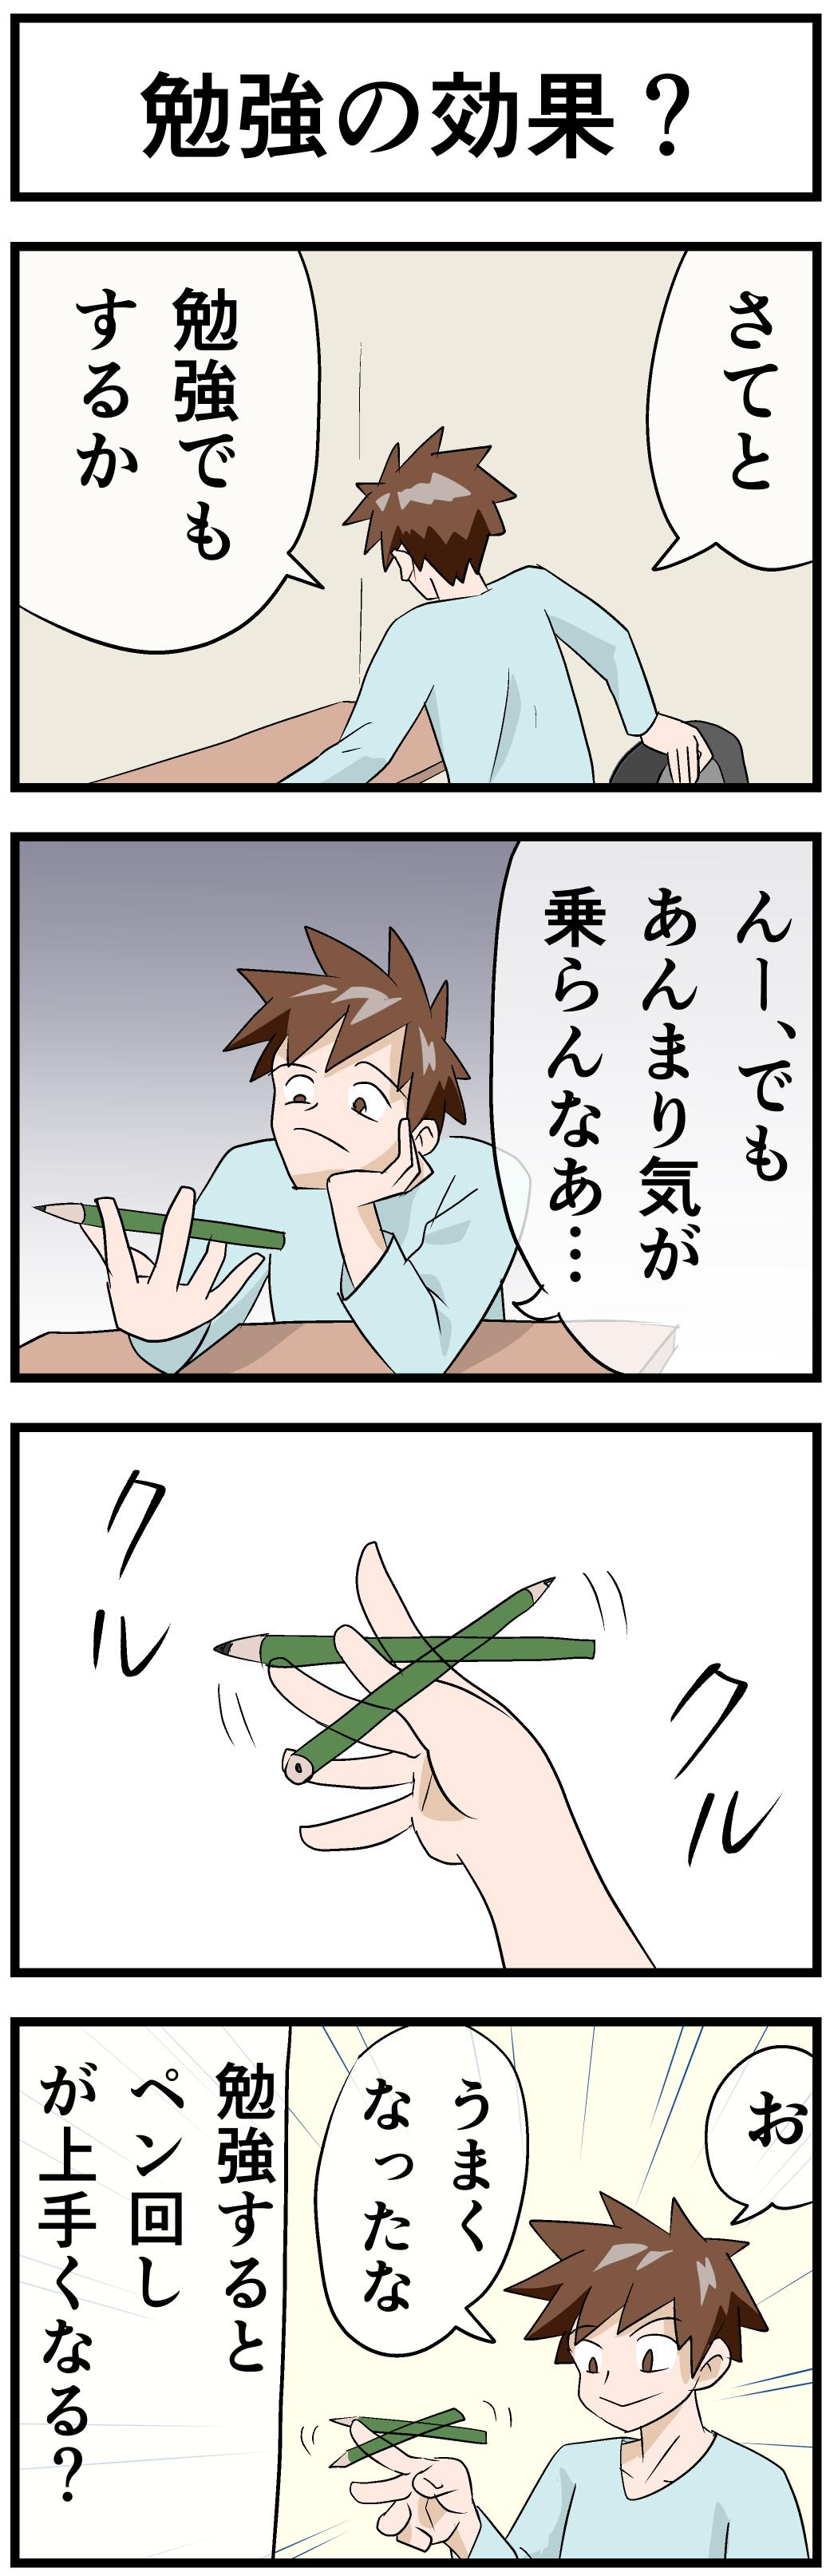 勉強の効果?_勉強あるあるネタ_四コマ漫画